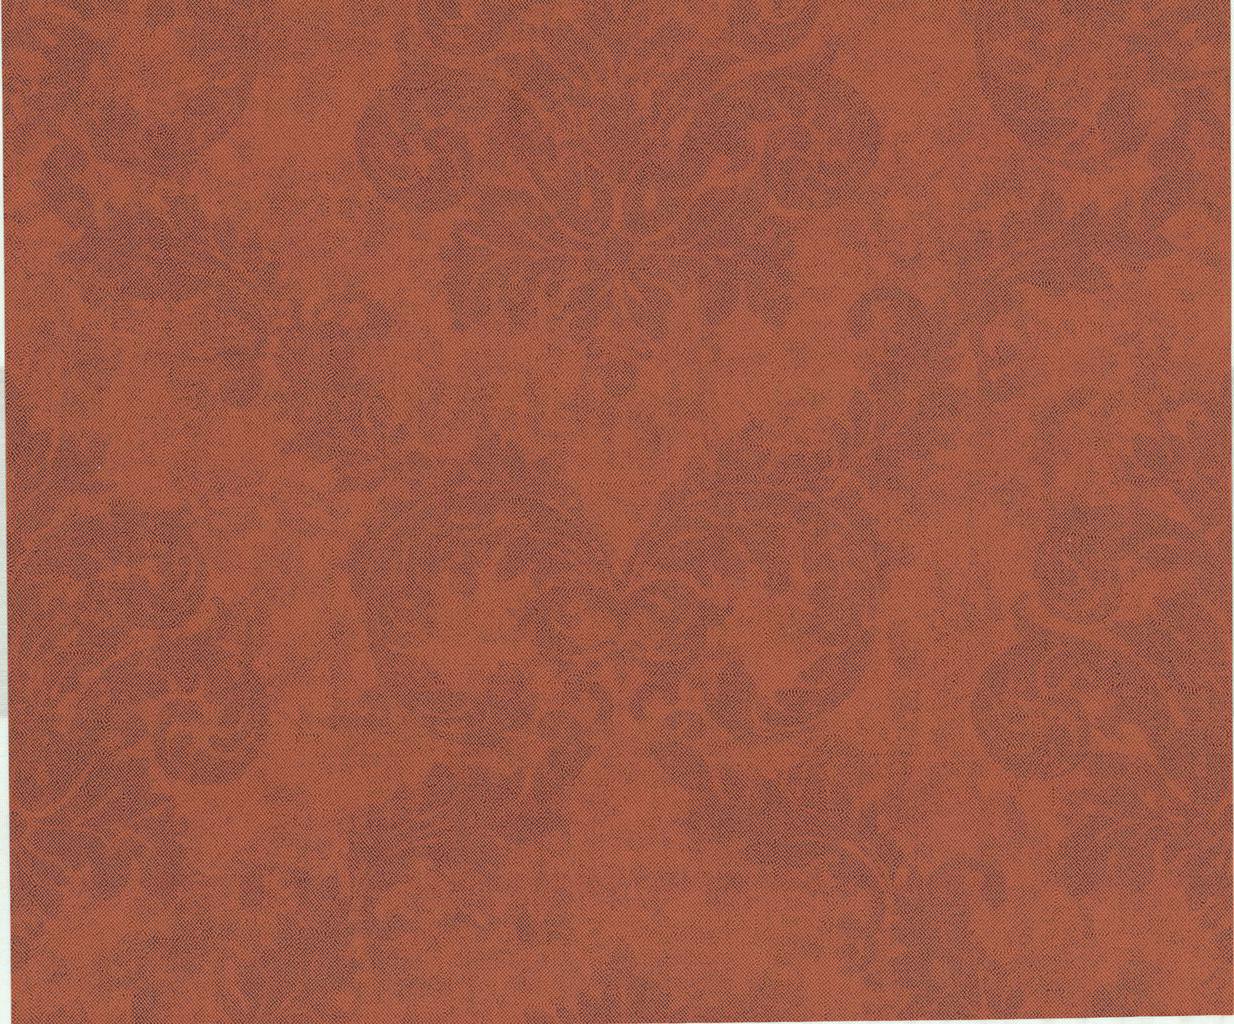 Итальянские обои Estro,  коллекция Elegance, артикулB1120203